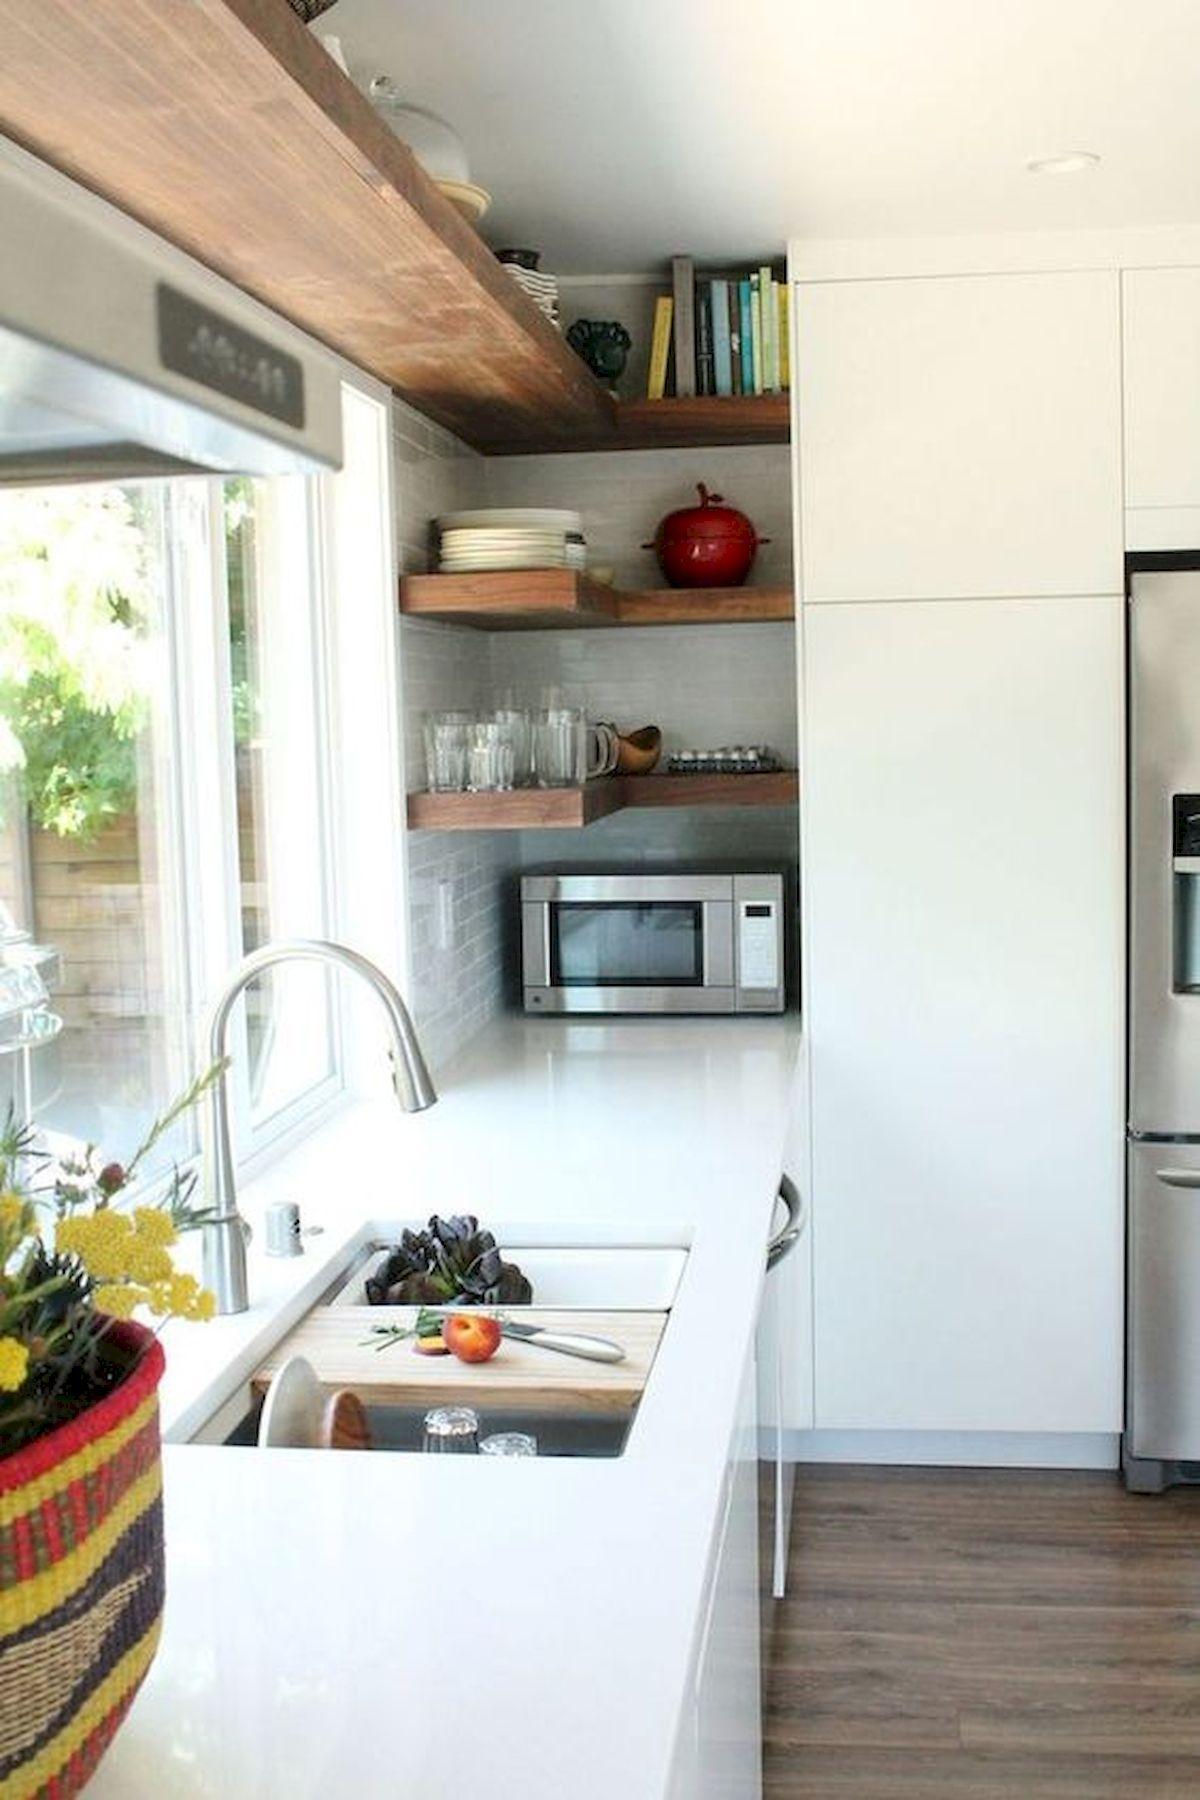 46 Creative DIY Small Kitchen Storage Ideas (13)